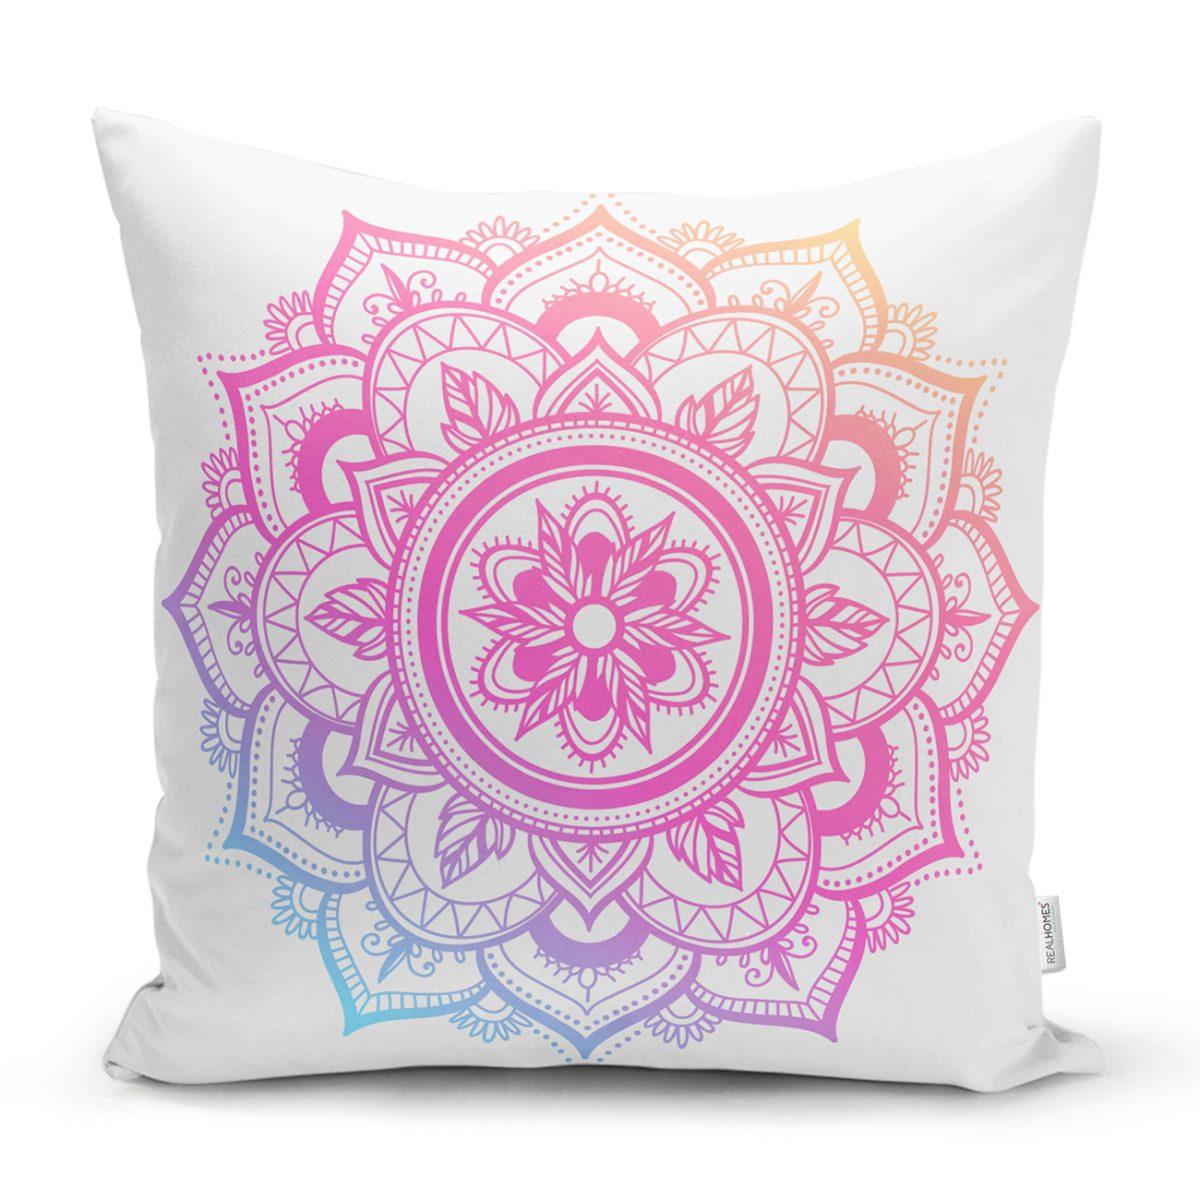 Beyaz Zeminde Pembe Mavi Mandala Desenli Özel Tasarım Kırlent Kılıfı Realhomes